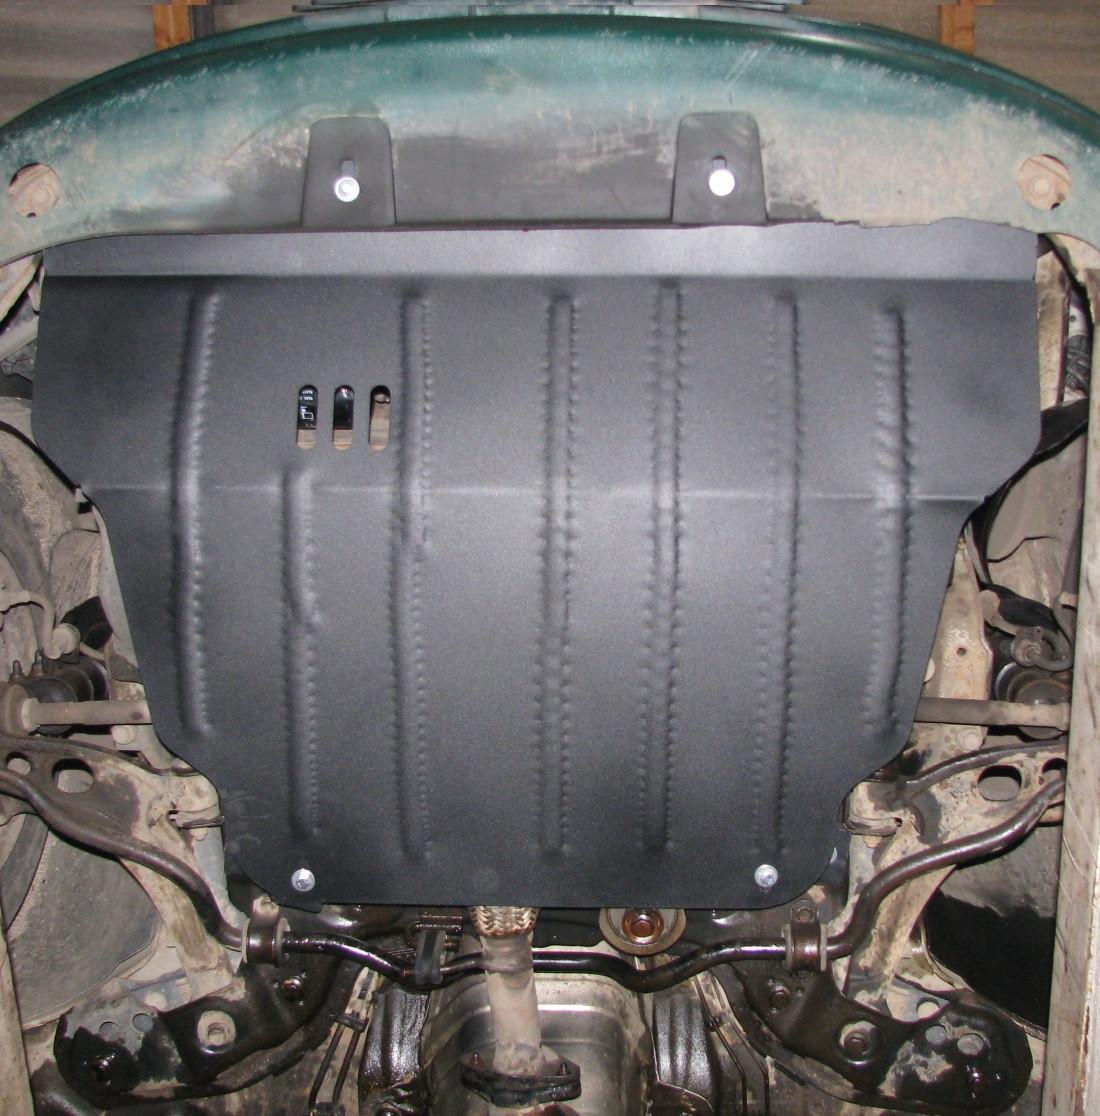 Захист двигуна Fiat PUNTO 2, Тип 188 1999-2003 МКПП Всі двигуни (двигун+КПП)